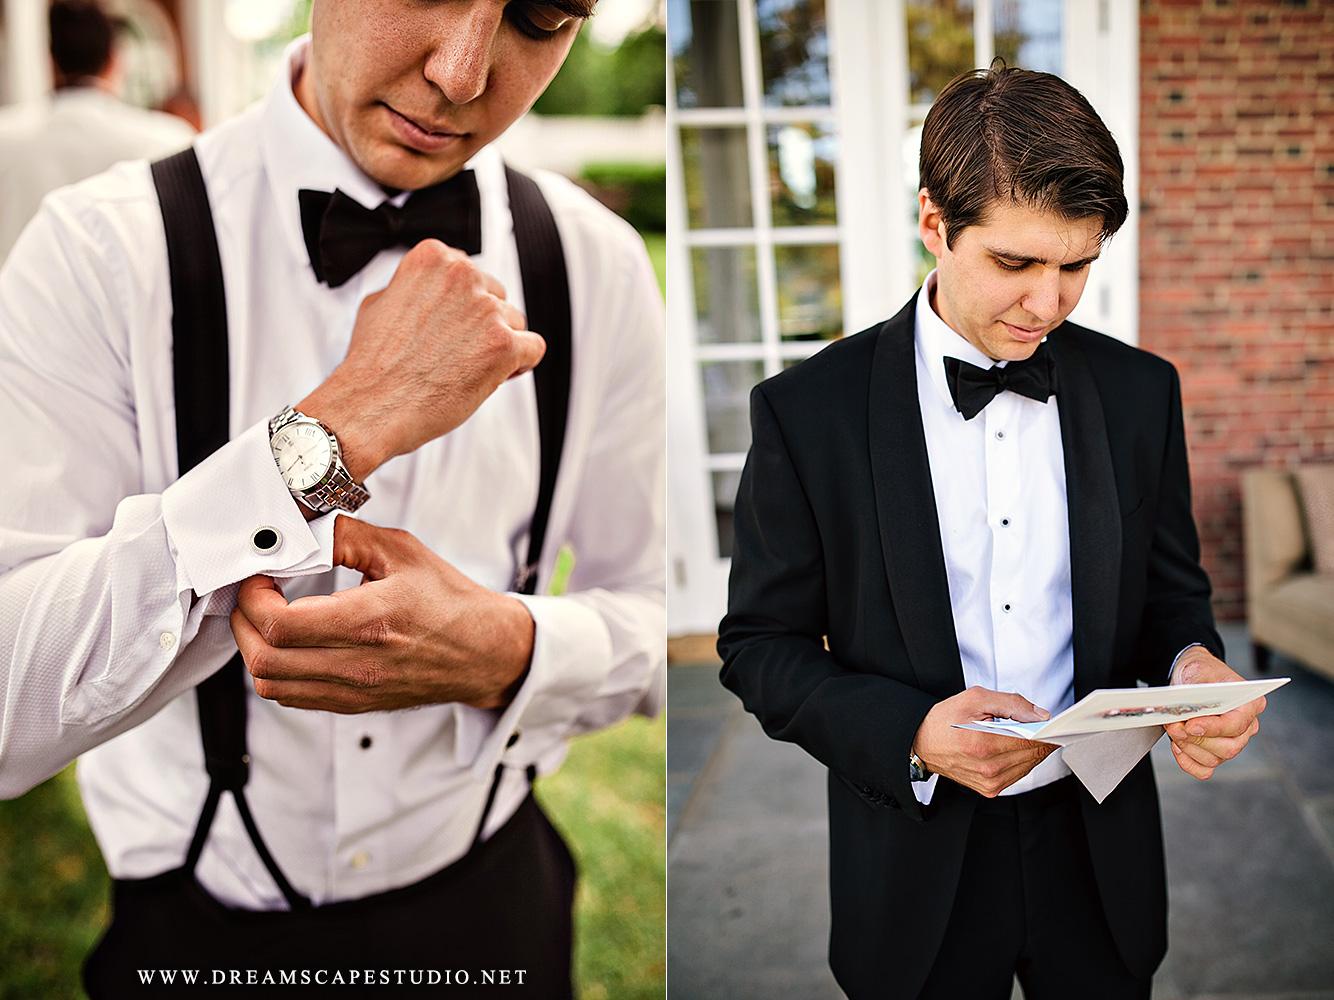 NY_Wedding_Photographer_JeRy_08.jpg